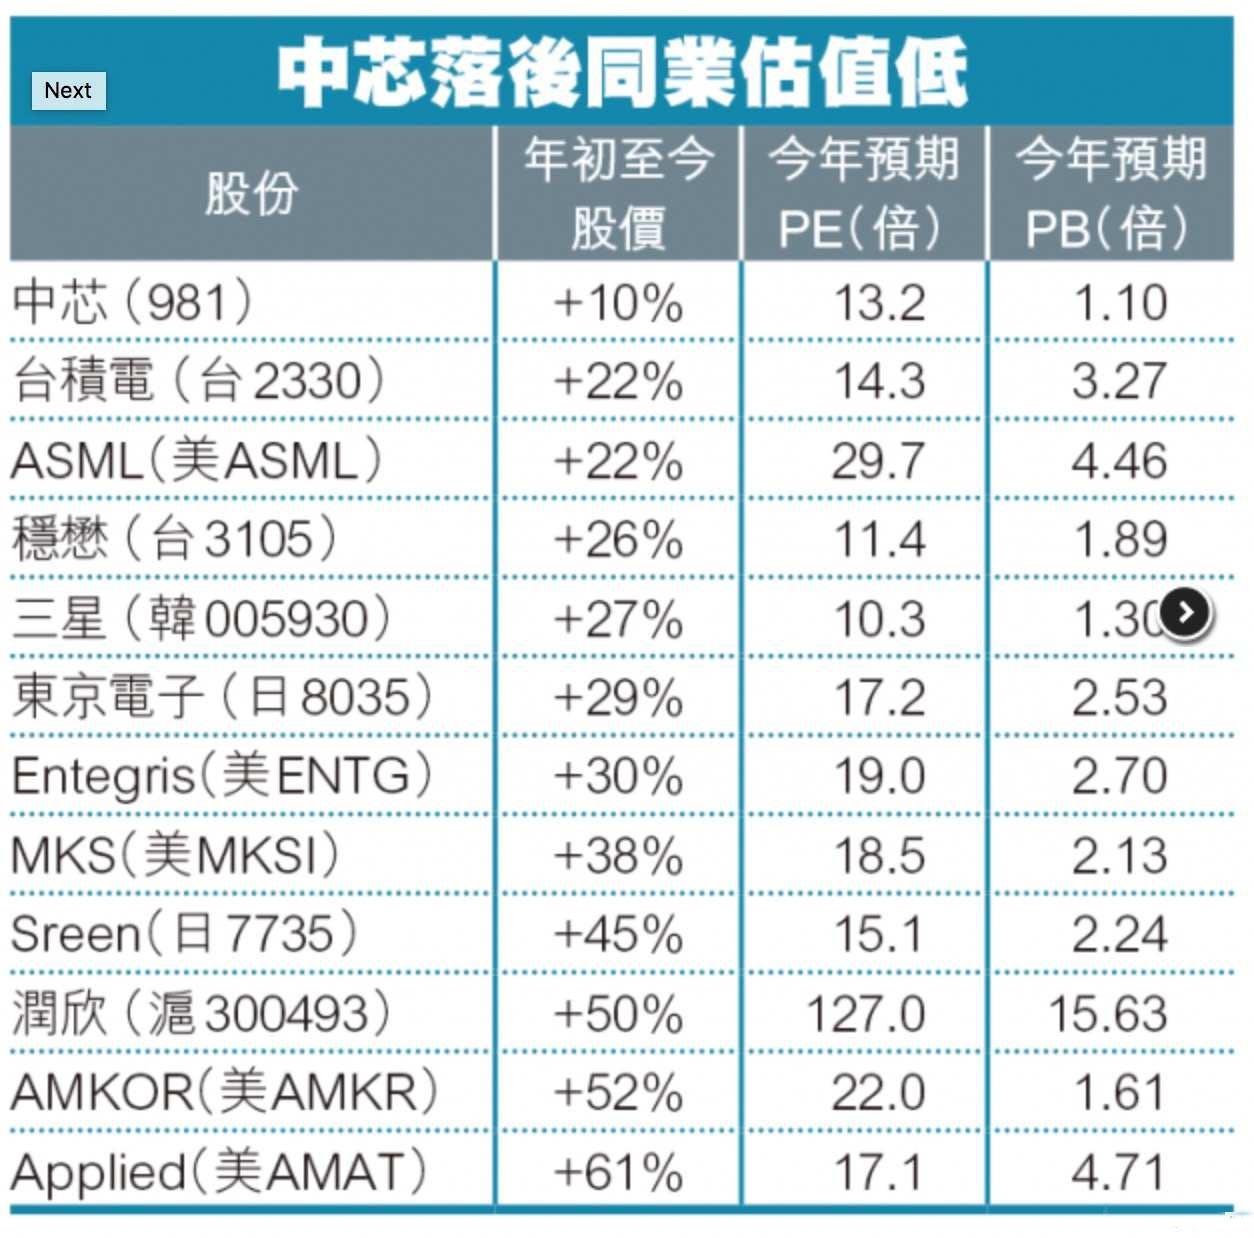 中芯国际股市过去一周成交激增10倍 PE低于同行